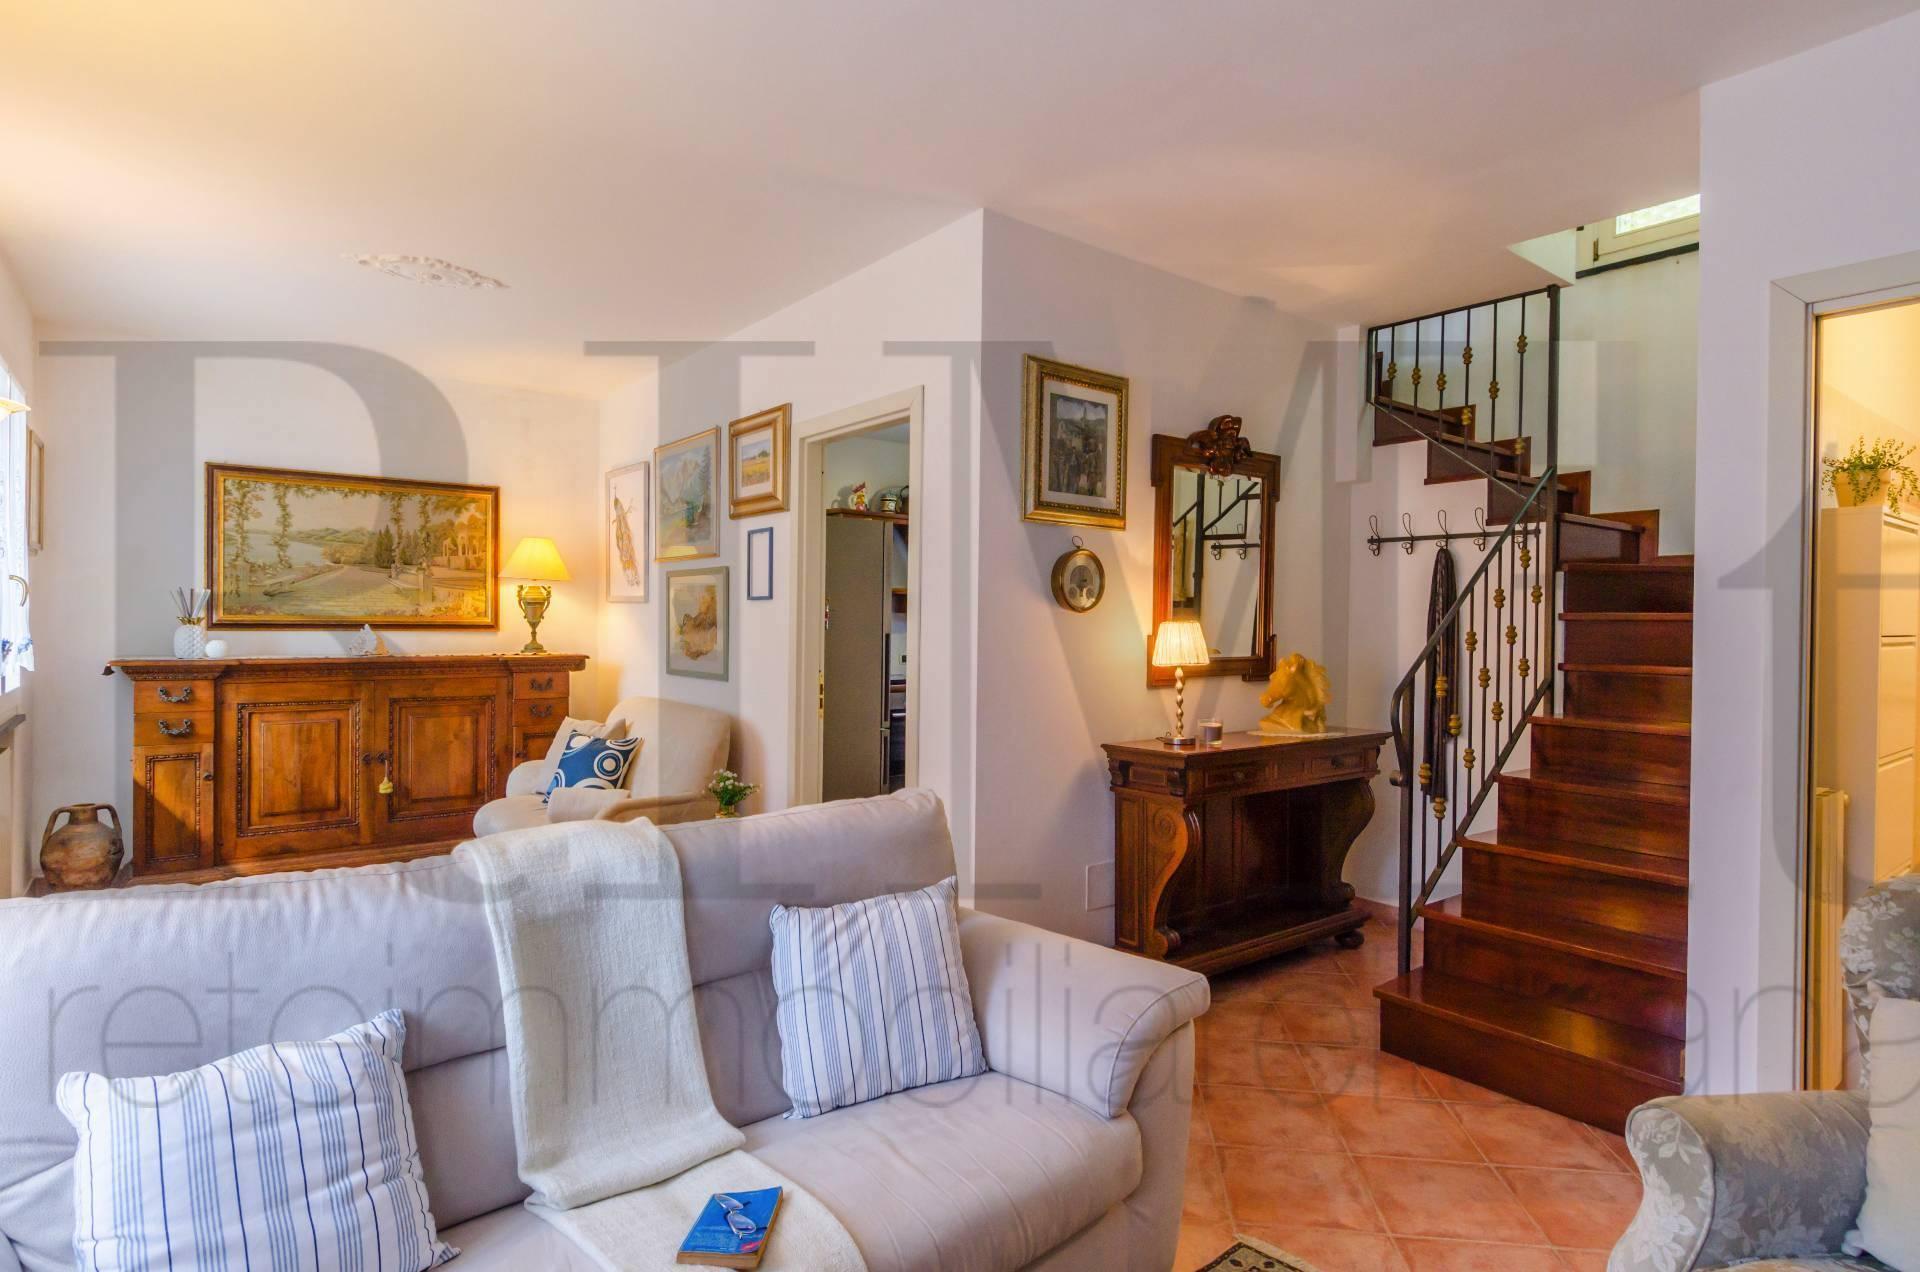 Appartamento in vendita a Moneglia, 5 locali, zona Località: Crovetta, prezzo € 395.000   PortaleAgenzieImmobiliari.it